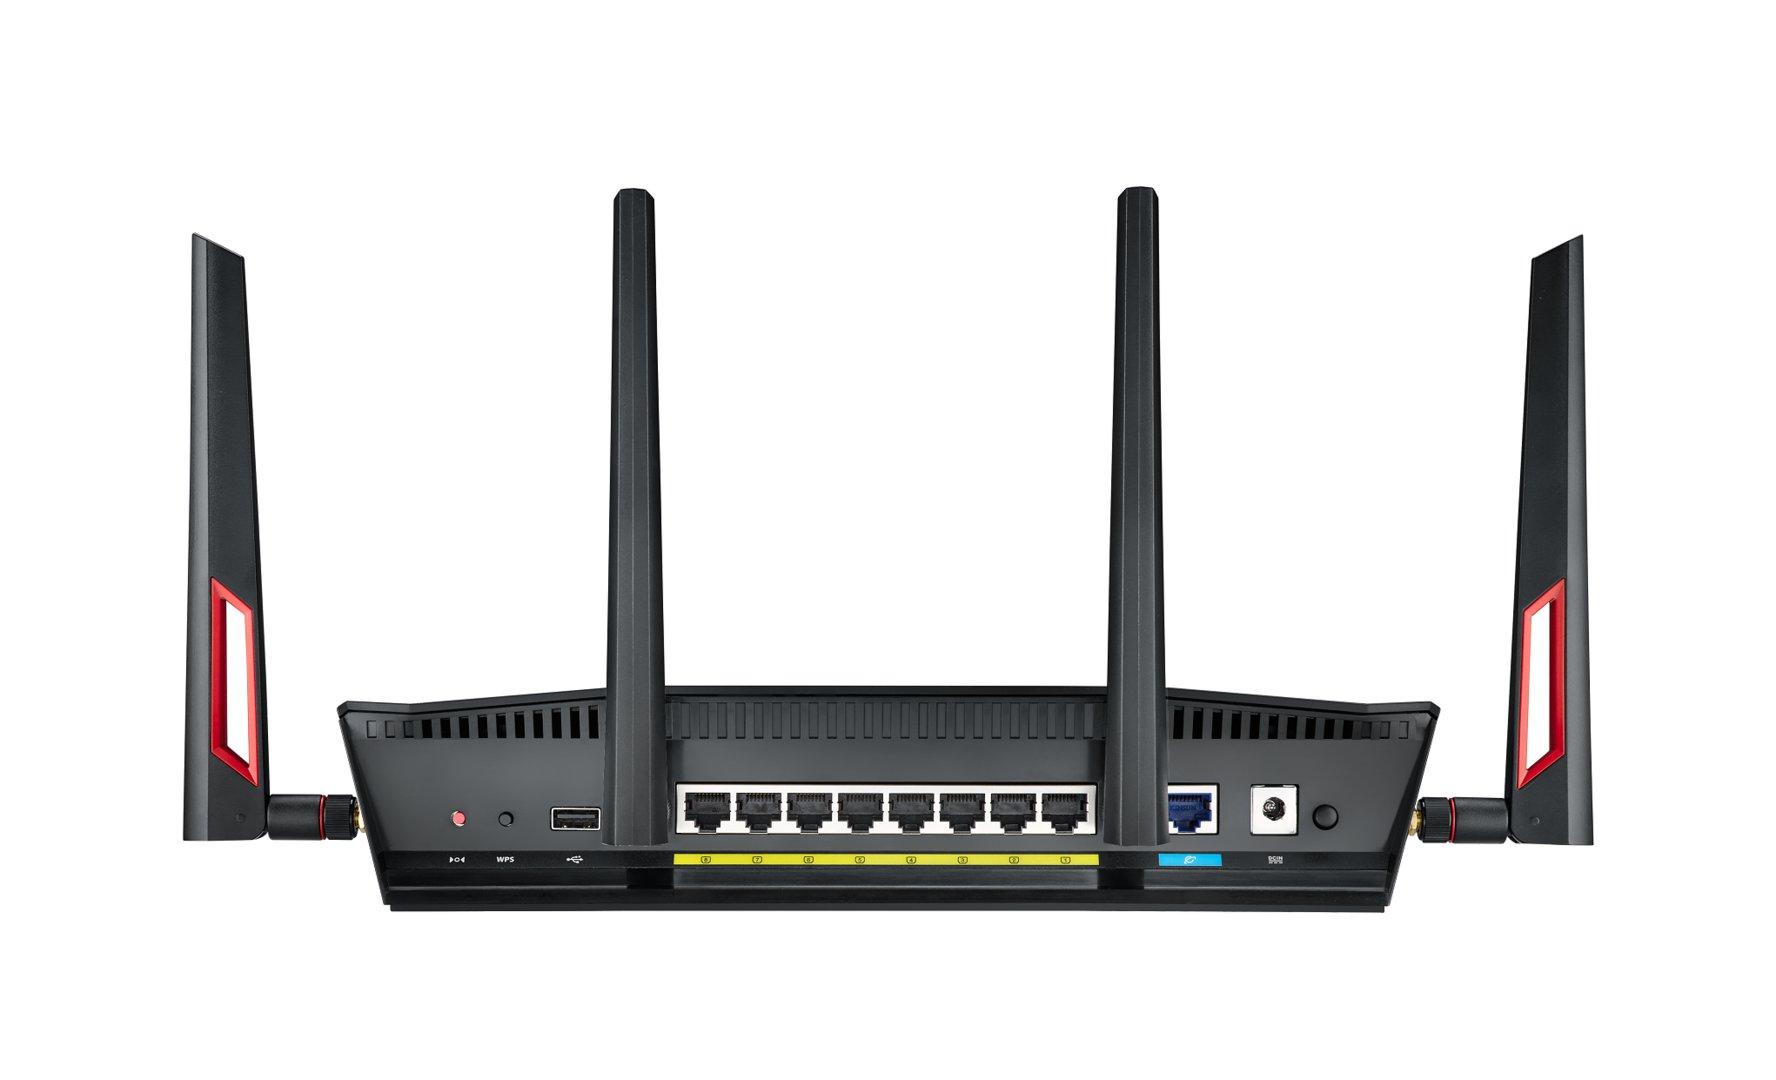 8 Gigabit-Netzwerkanschlüsse mit Link-Aggregation als heimische Netzwerkzentrale